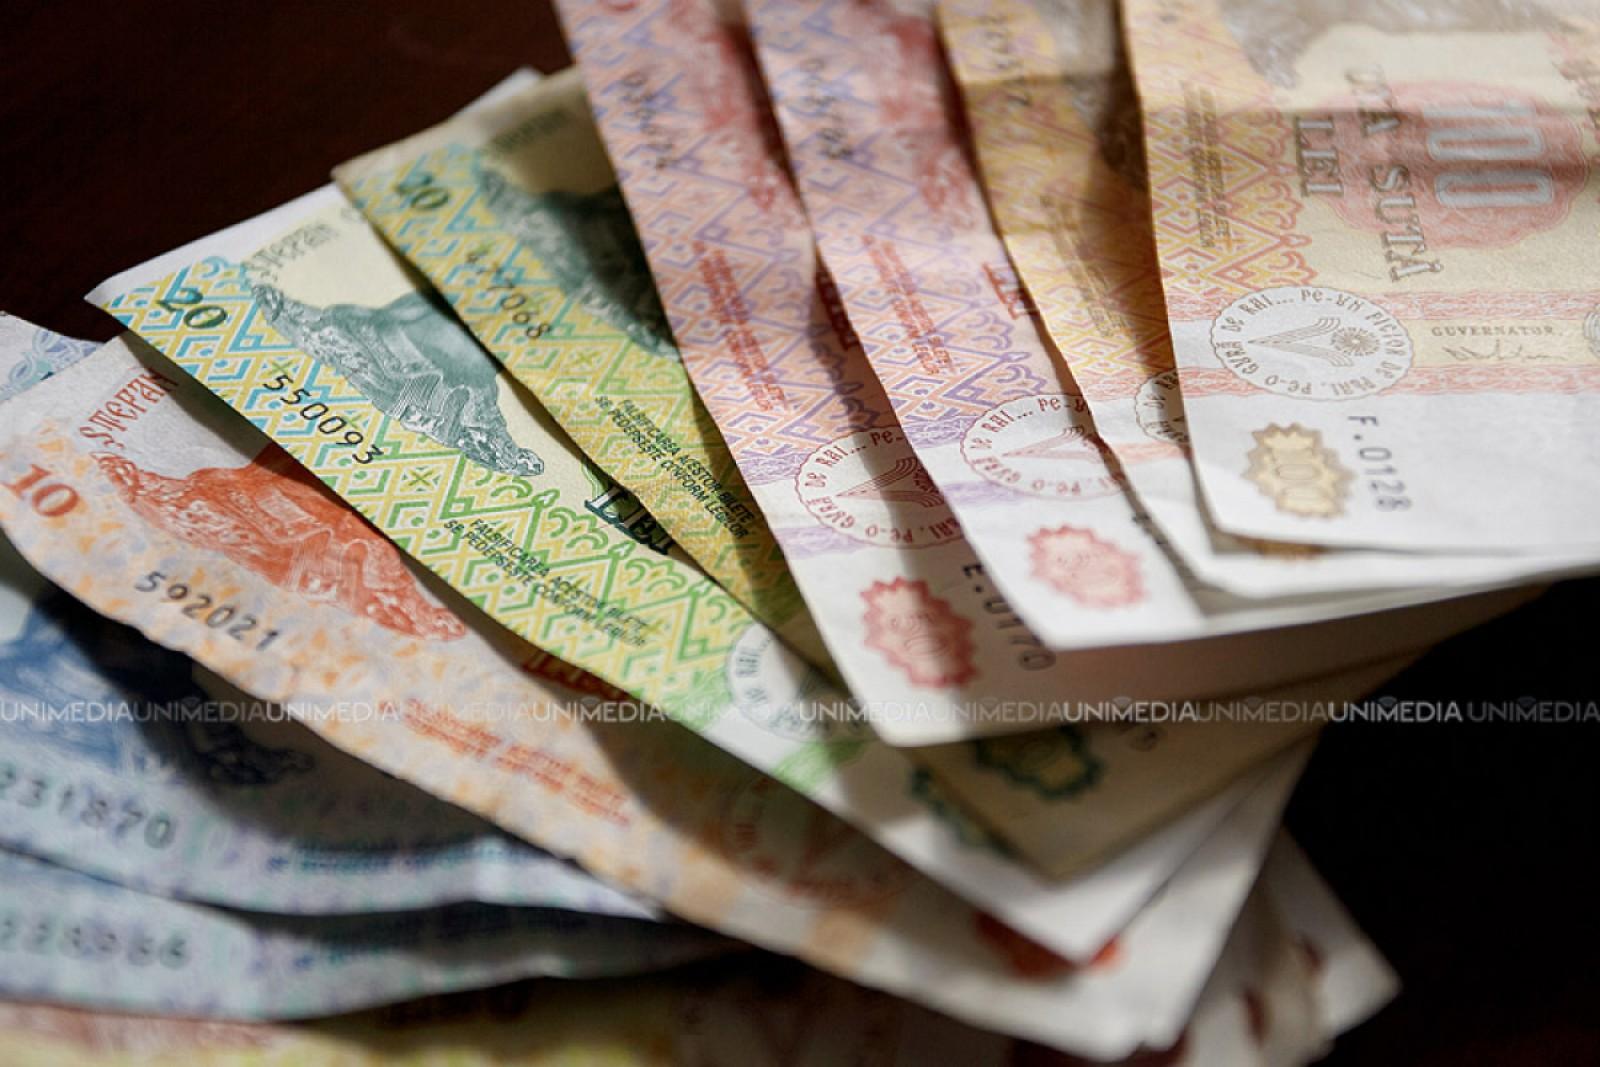 Moldovenii de peste hotare au trimis acasă aproximativ 118 milioane de dolari în luna iunie